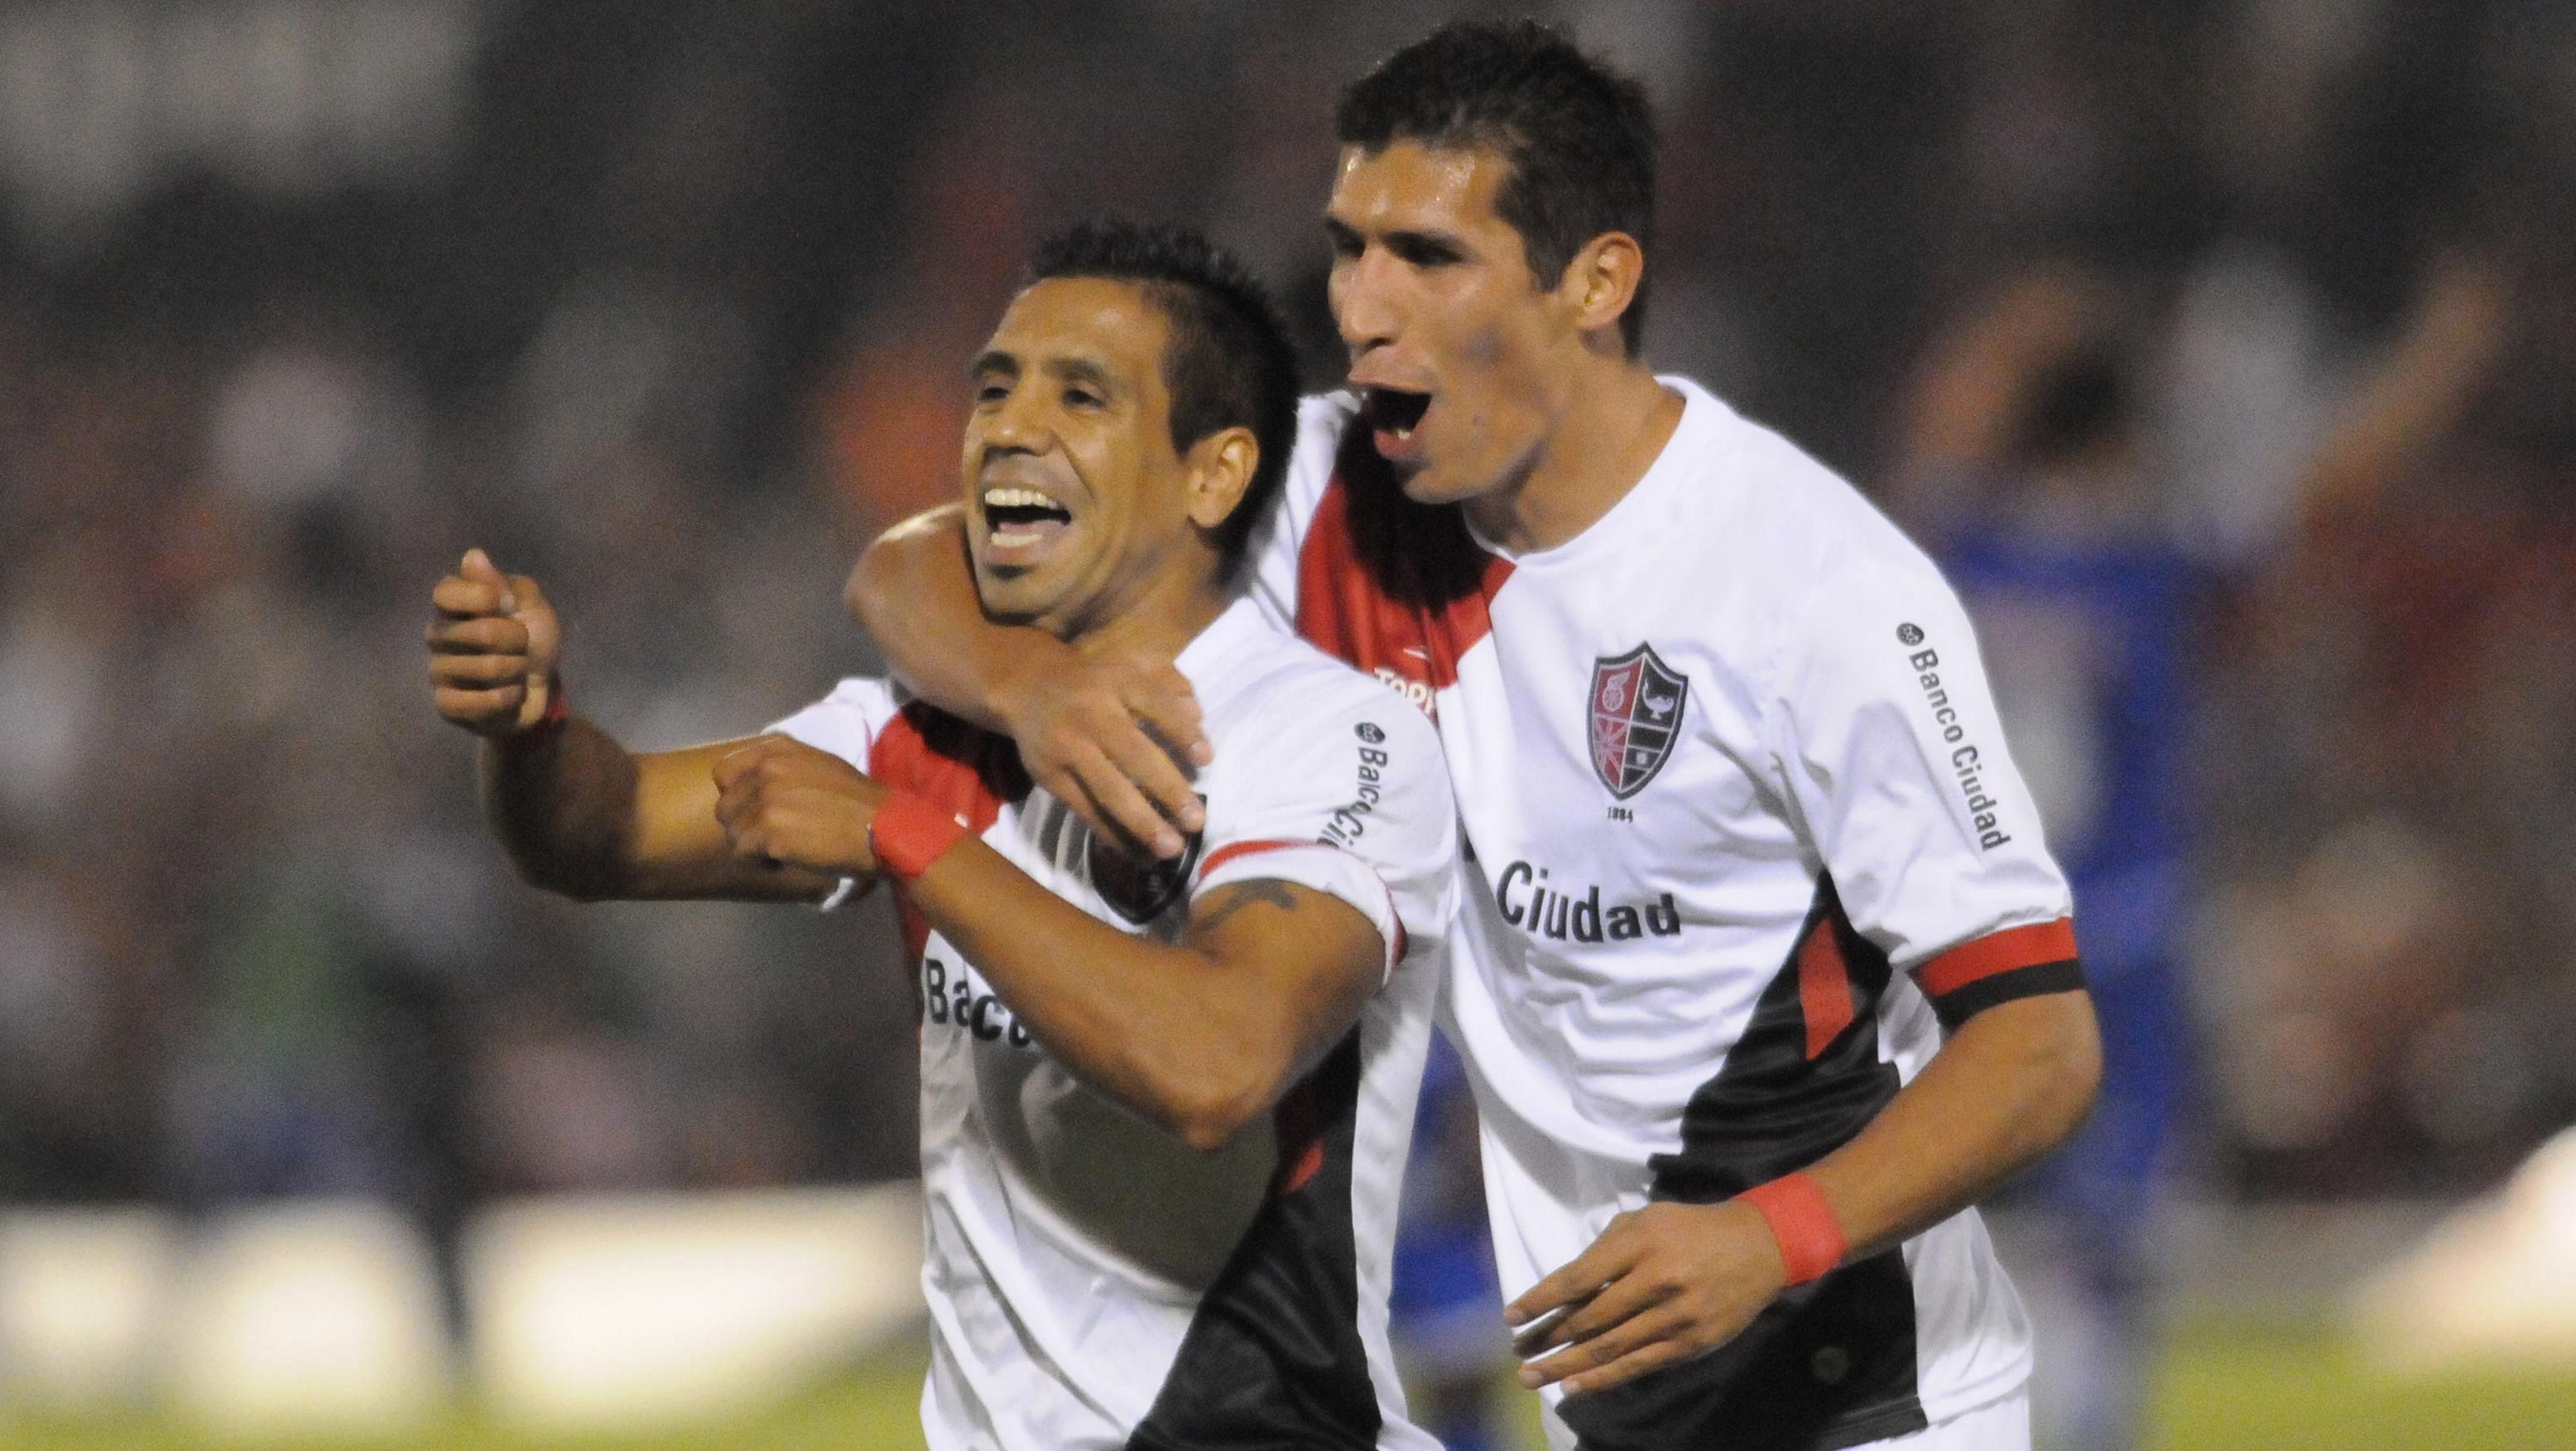 Figueroa clavó el zurdazo para cerrar el partido. Lo abraza Cáceres.